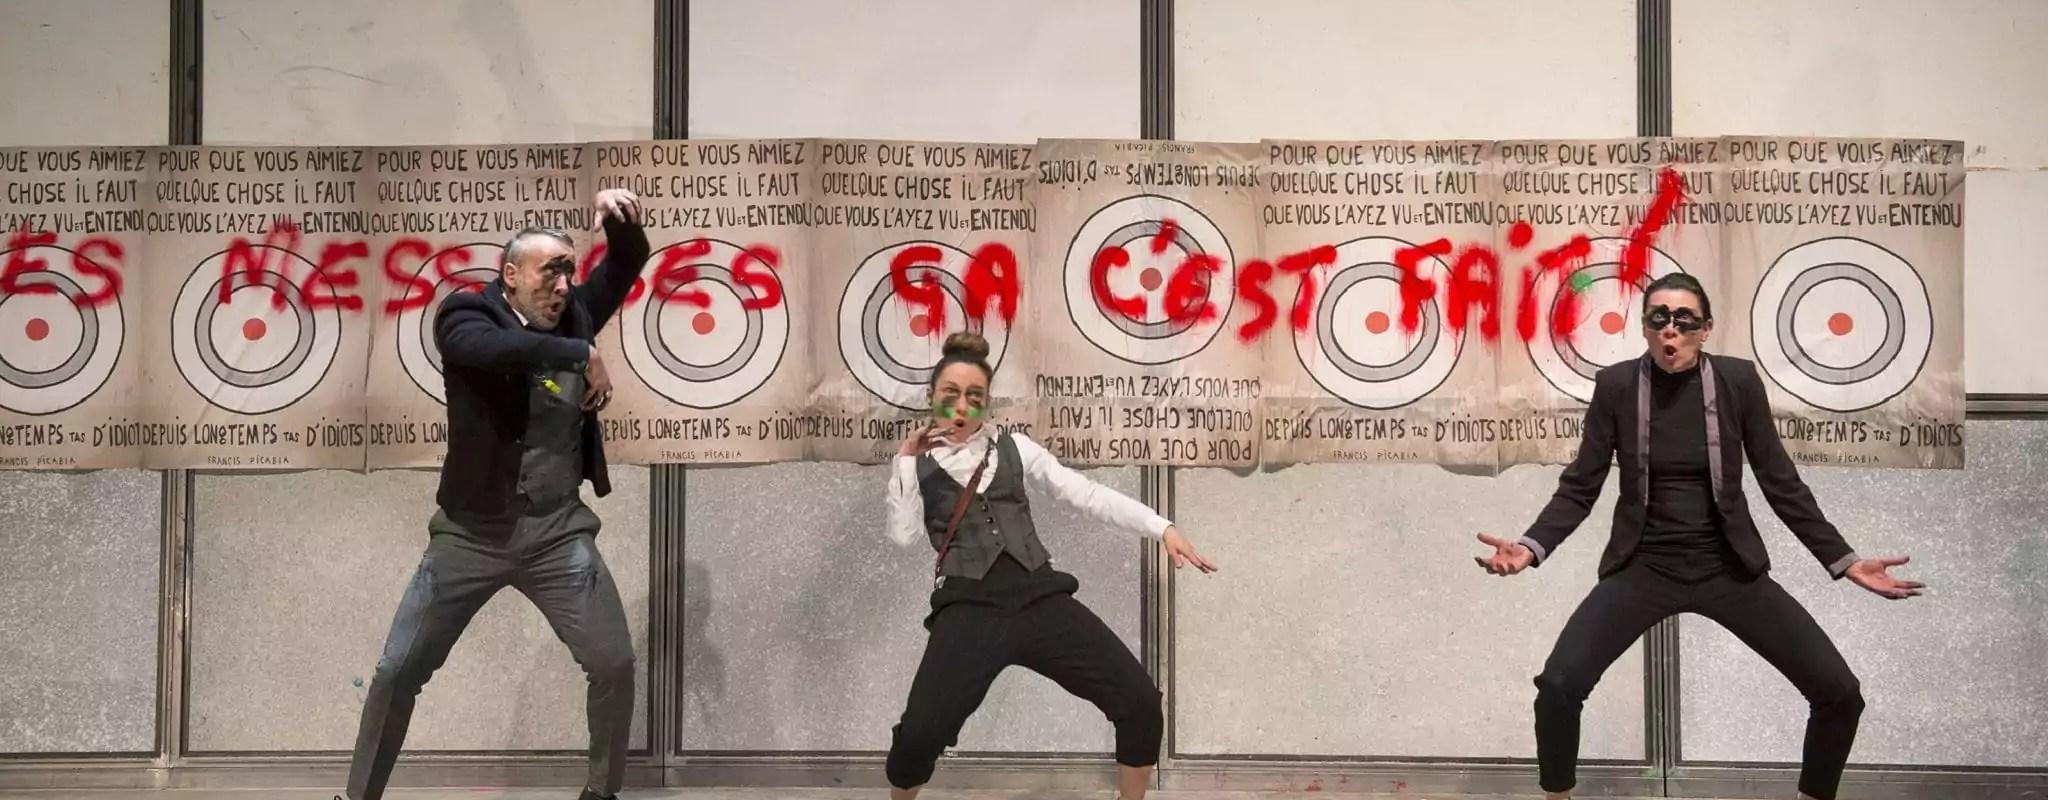 Ça Dada, le chaos artistique s'installe au théâtre de Hautepierre